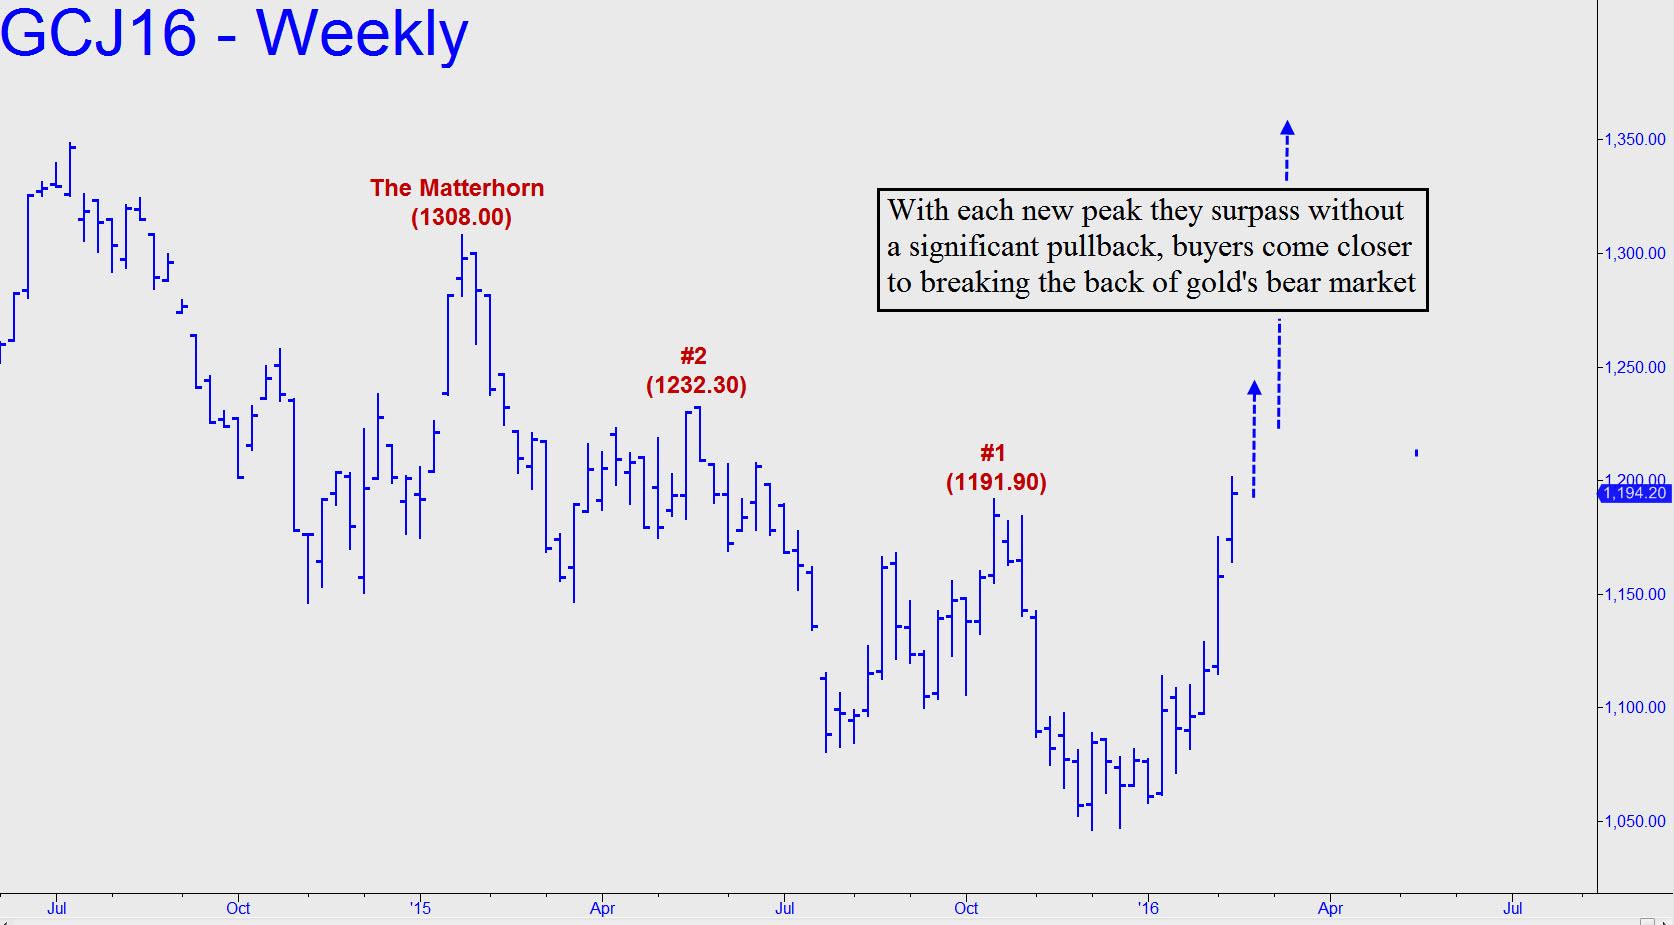 prix de l'or, de l'argent et des minières / suivi 2015 et ultérieurement - Page 5 With-each-new-peak